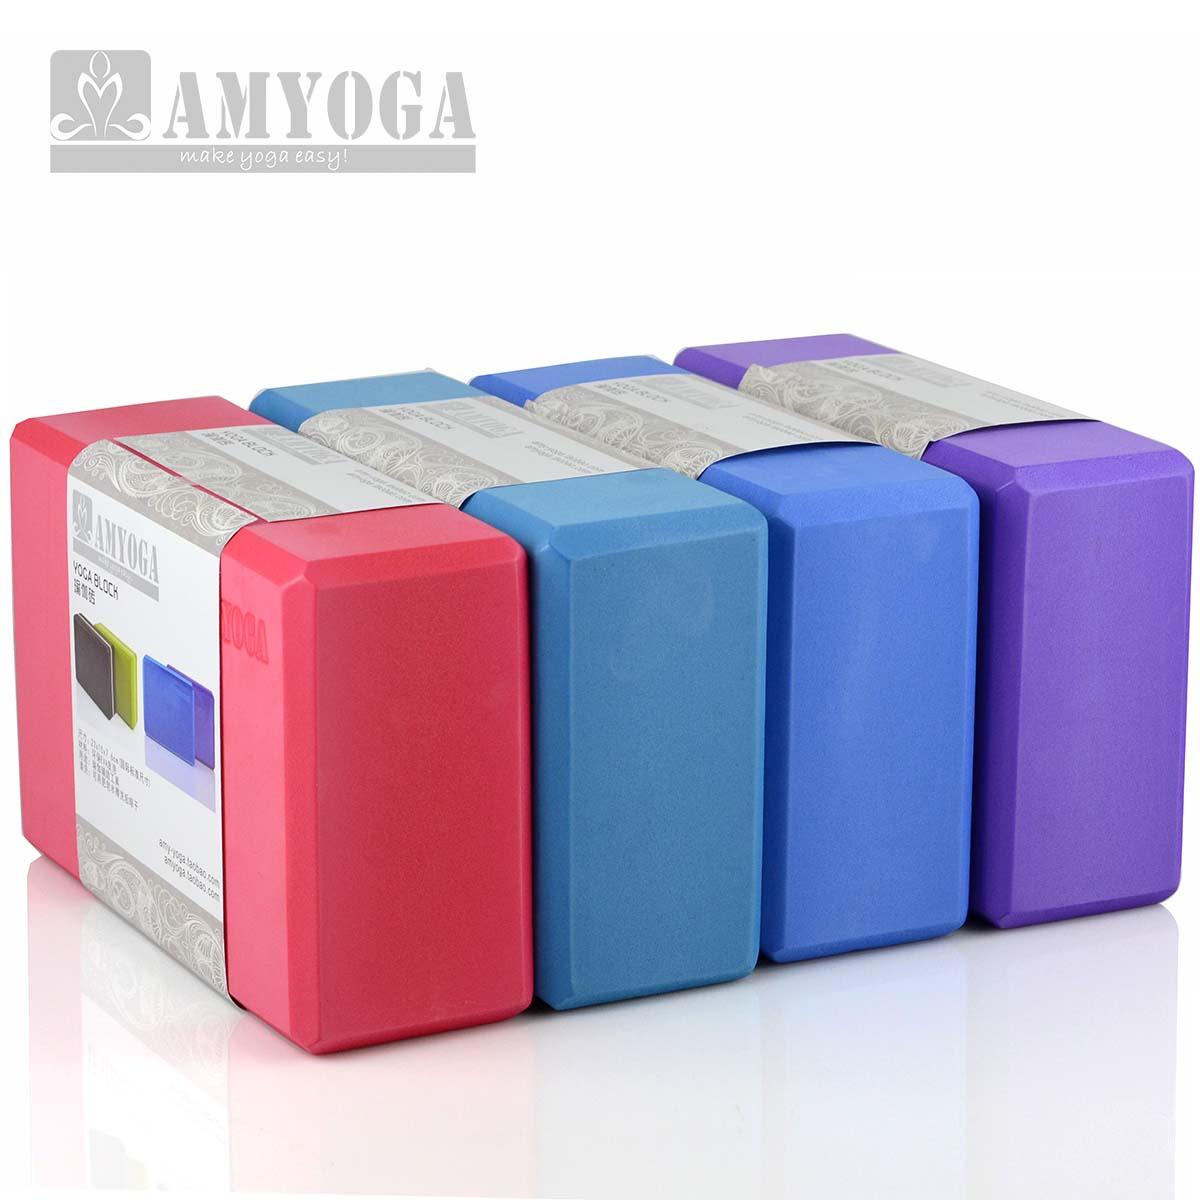 Yoga Block Density: Online Shopping Reviews On Eva